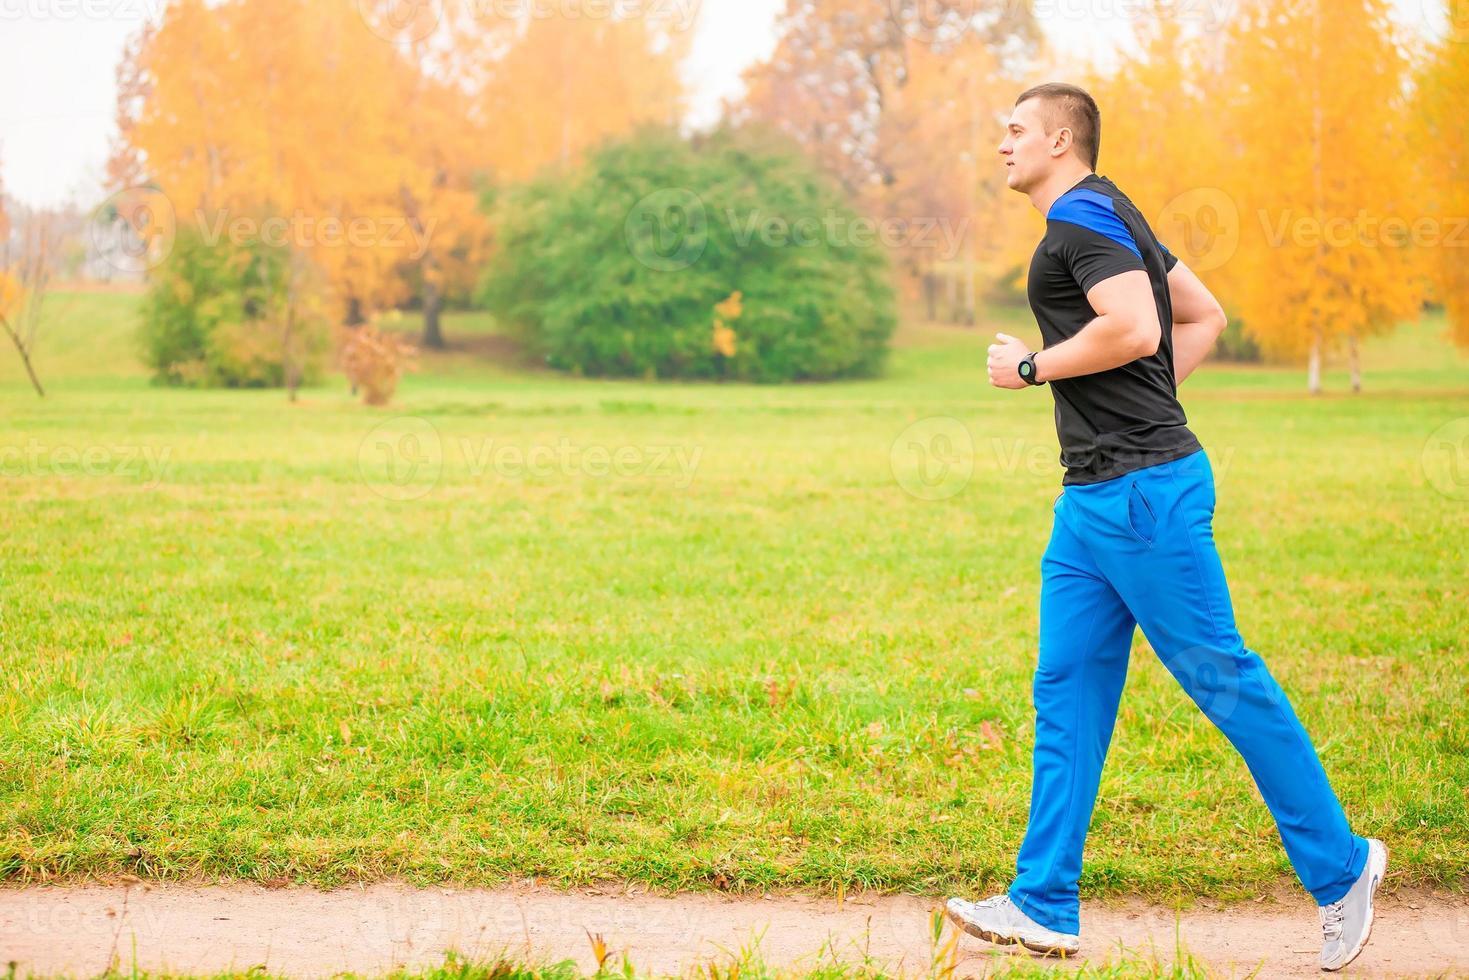 athlète masculin jogging le matin dans le parc photo